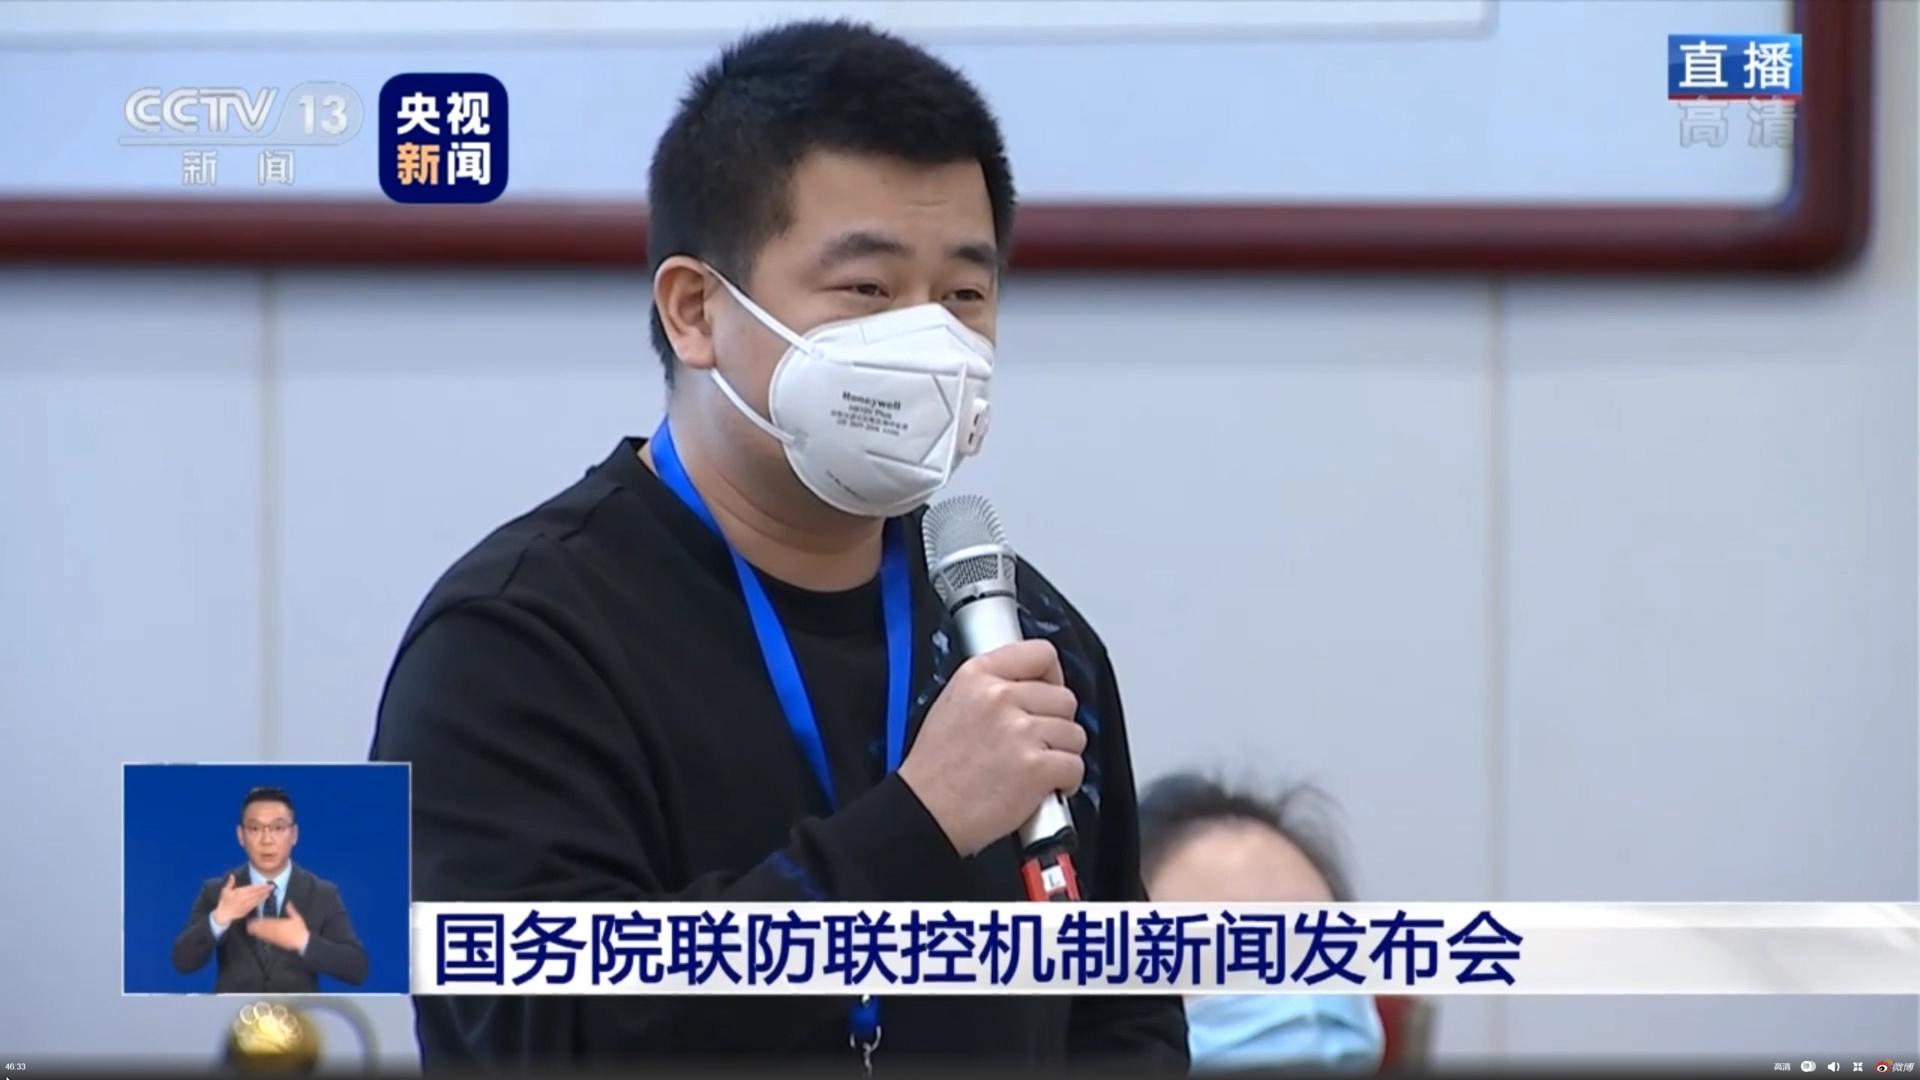 910万医用口罩、36万套防护服……商务部回应每经记者提问:境外中资企业捐赠物资款项多数已抵武汉